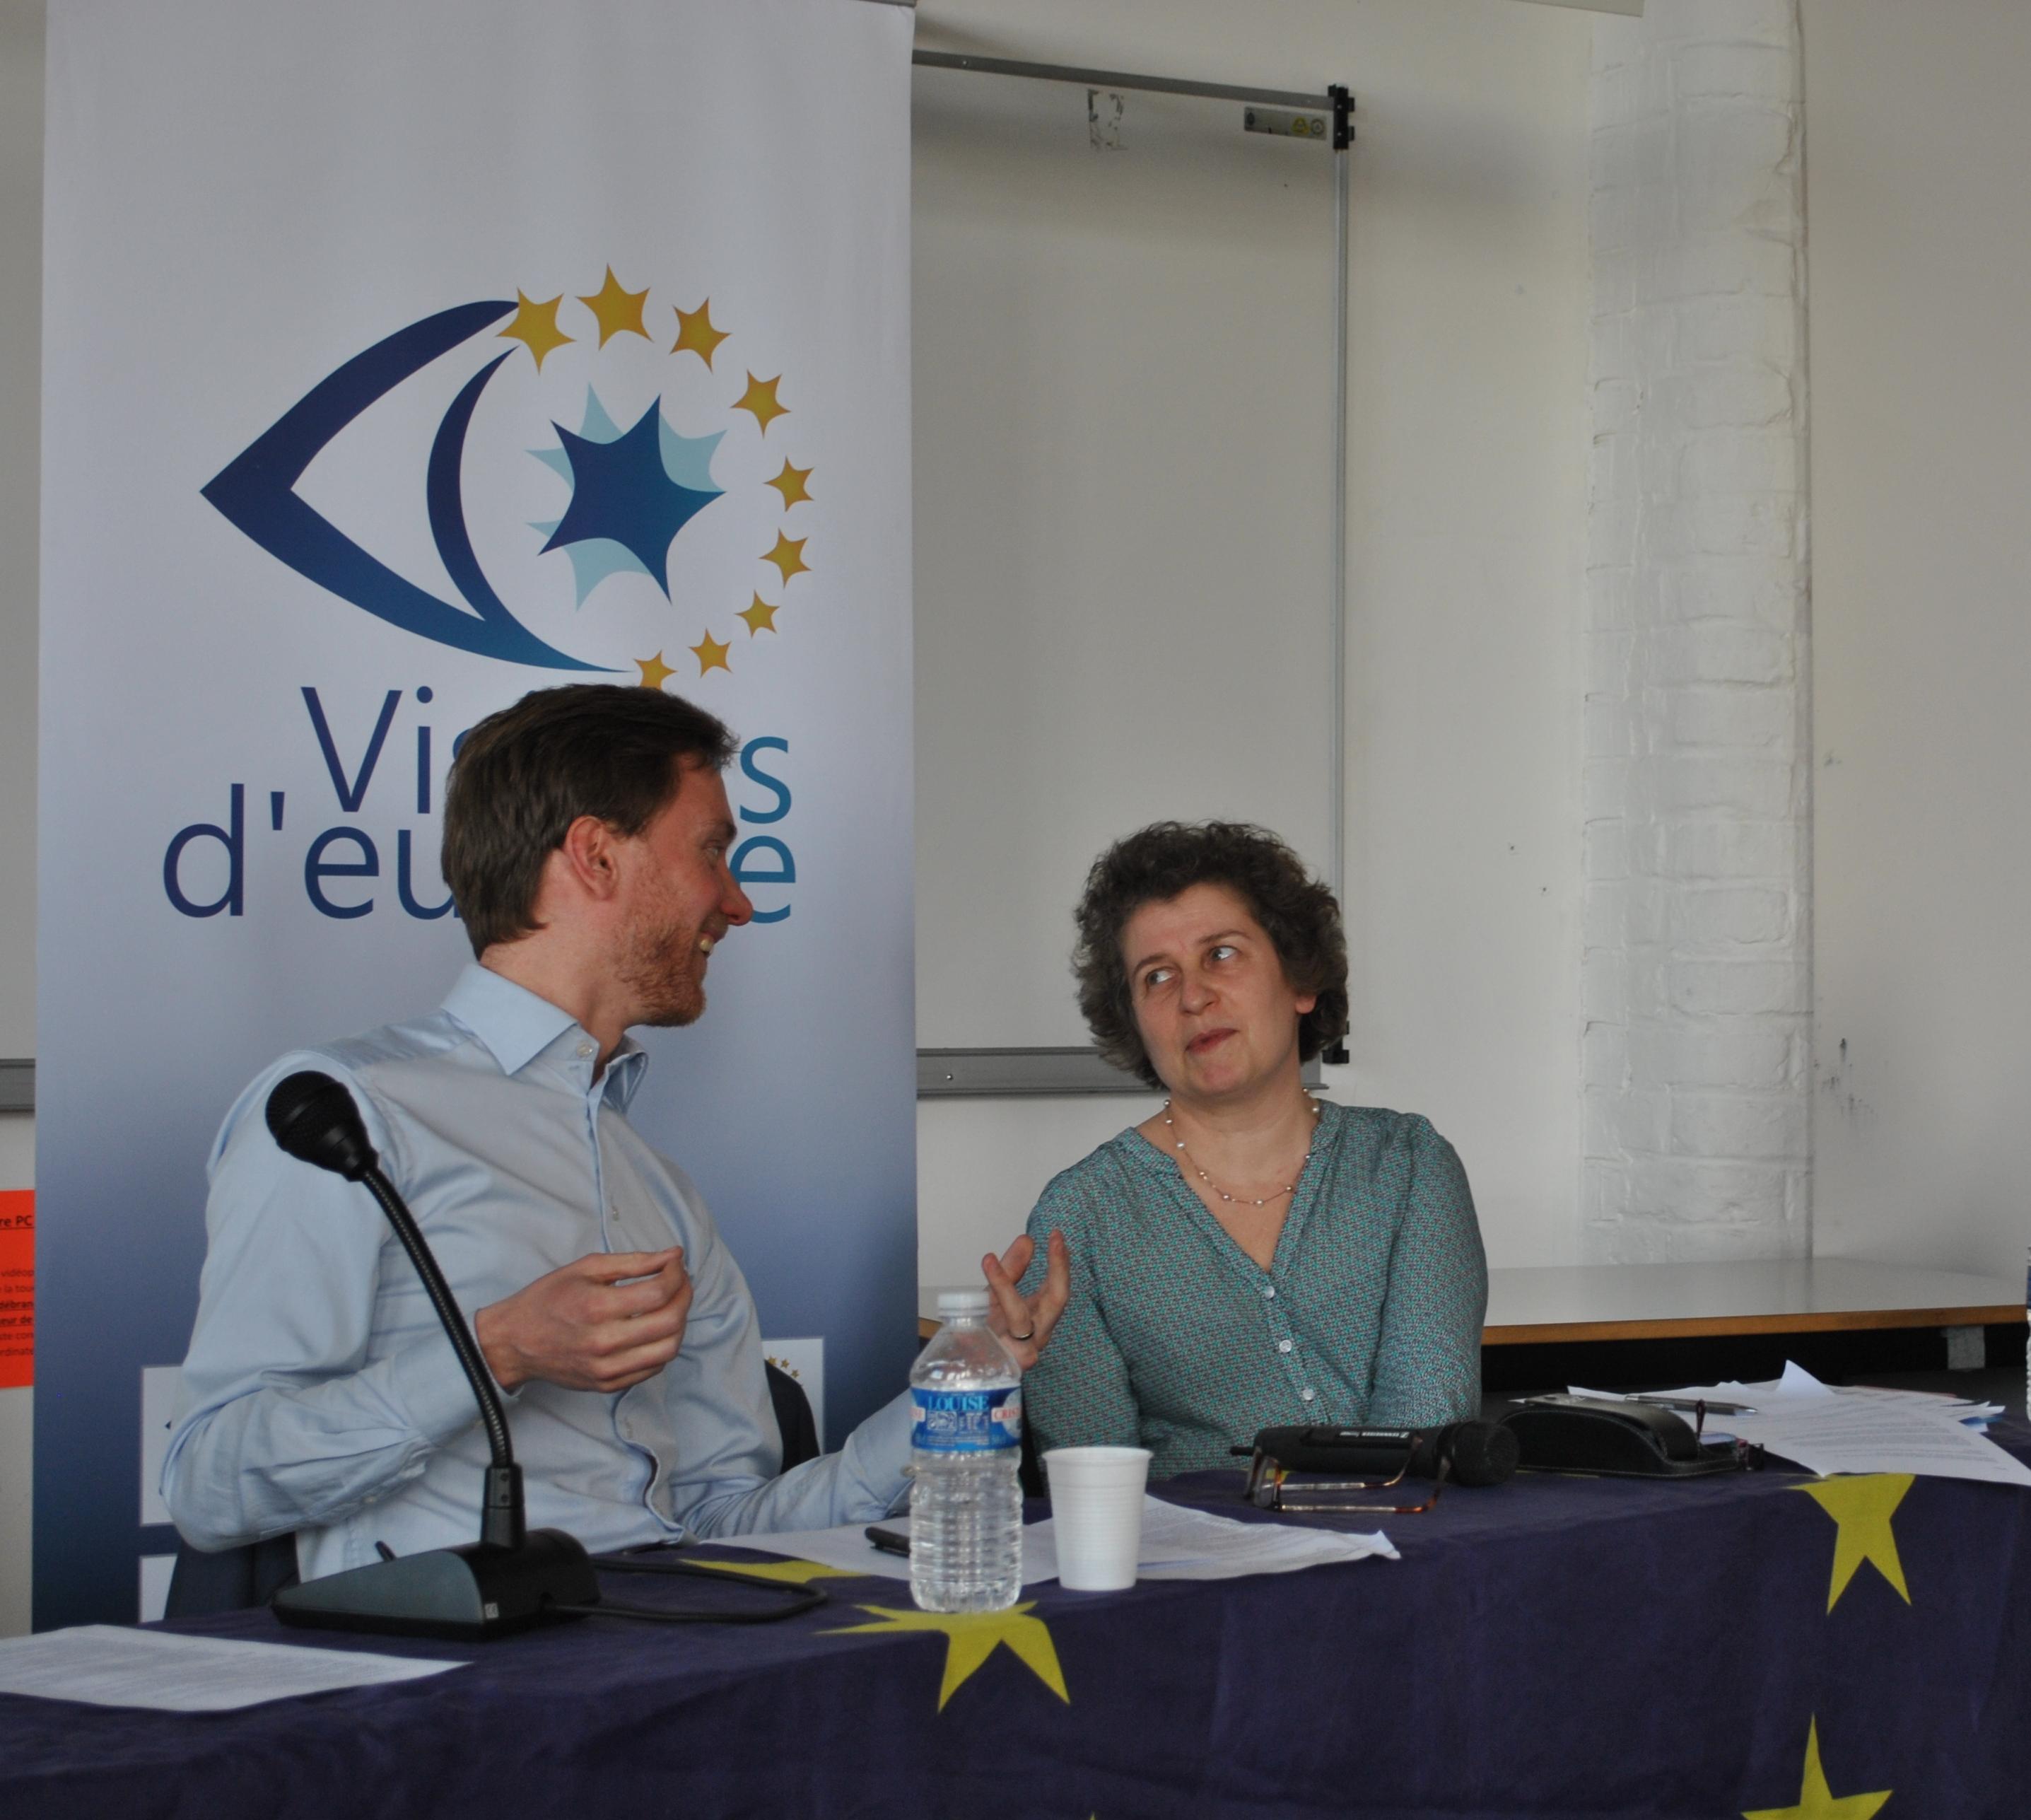 Débat passionnel entre Olaf Henricson-Bell et Catherine Mathieu